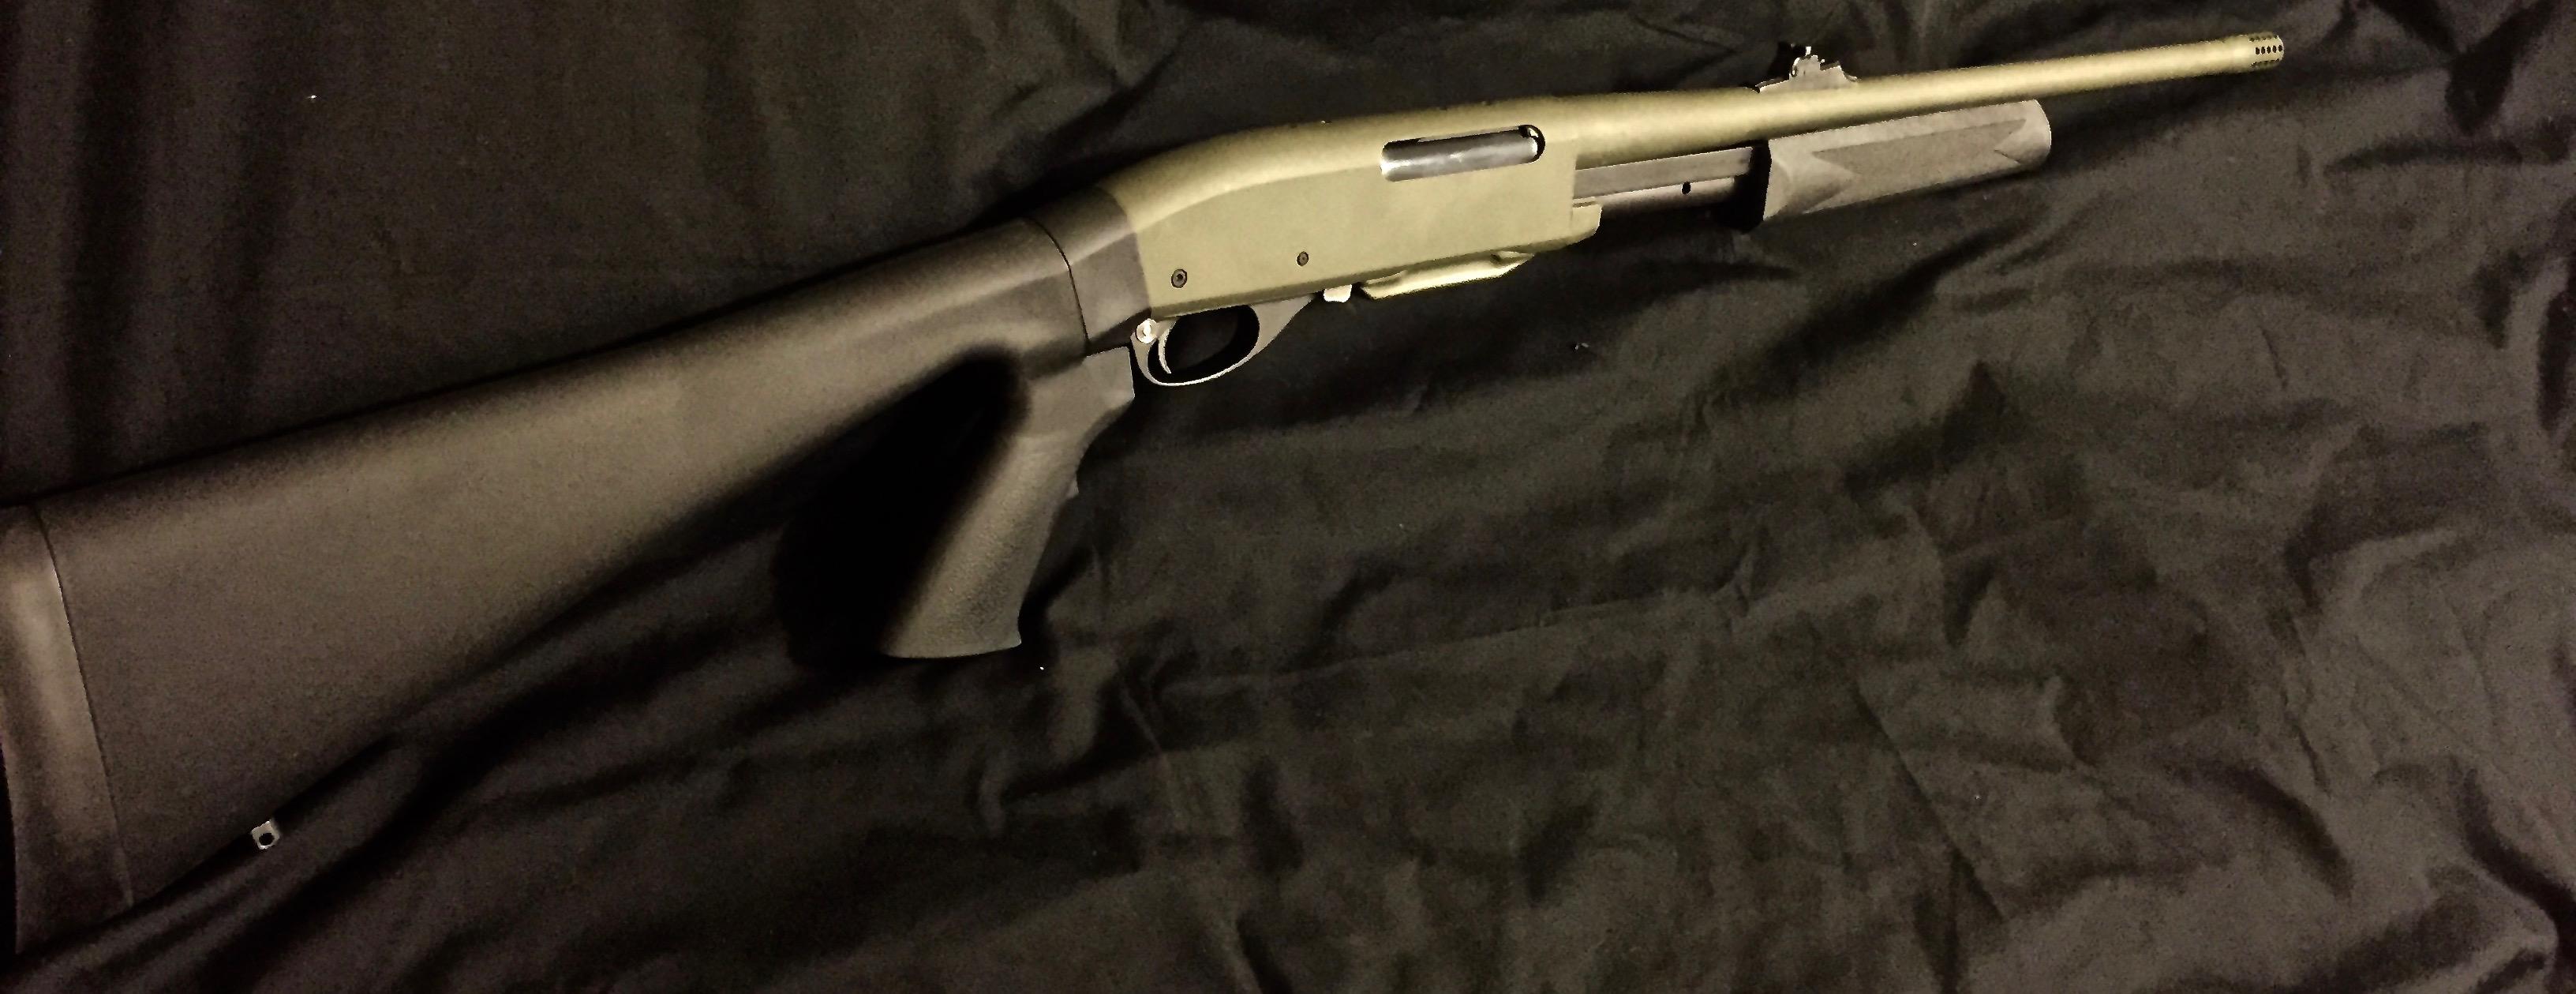 Cerakote Shotgun